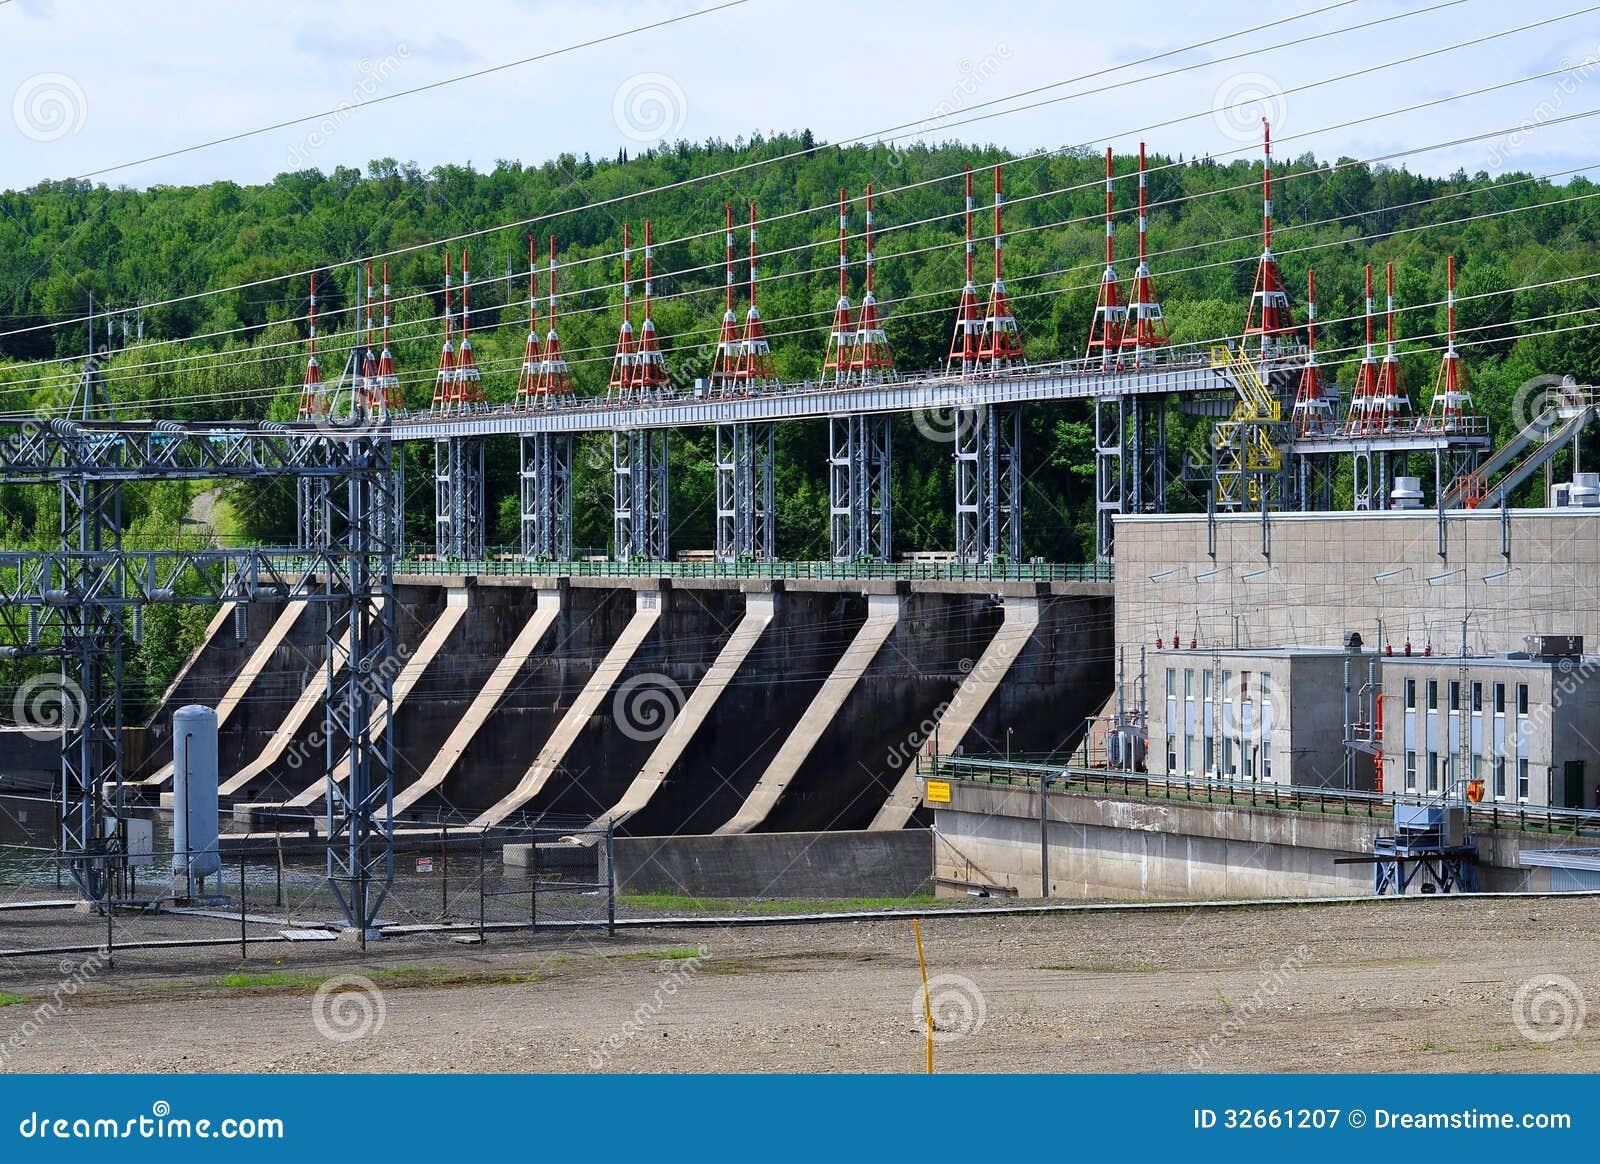 Beechwood dam stock image image of electrical beechwood for The beechwood